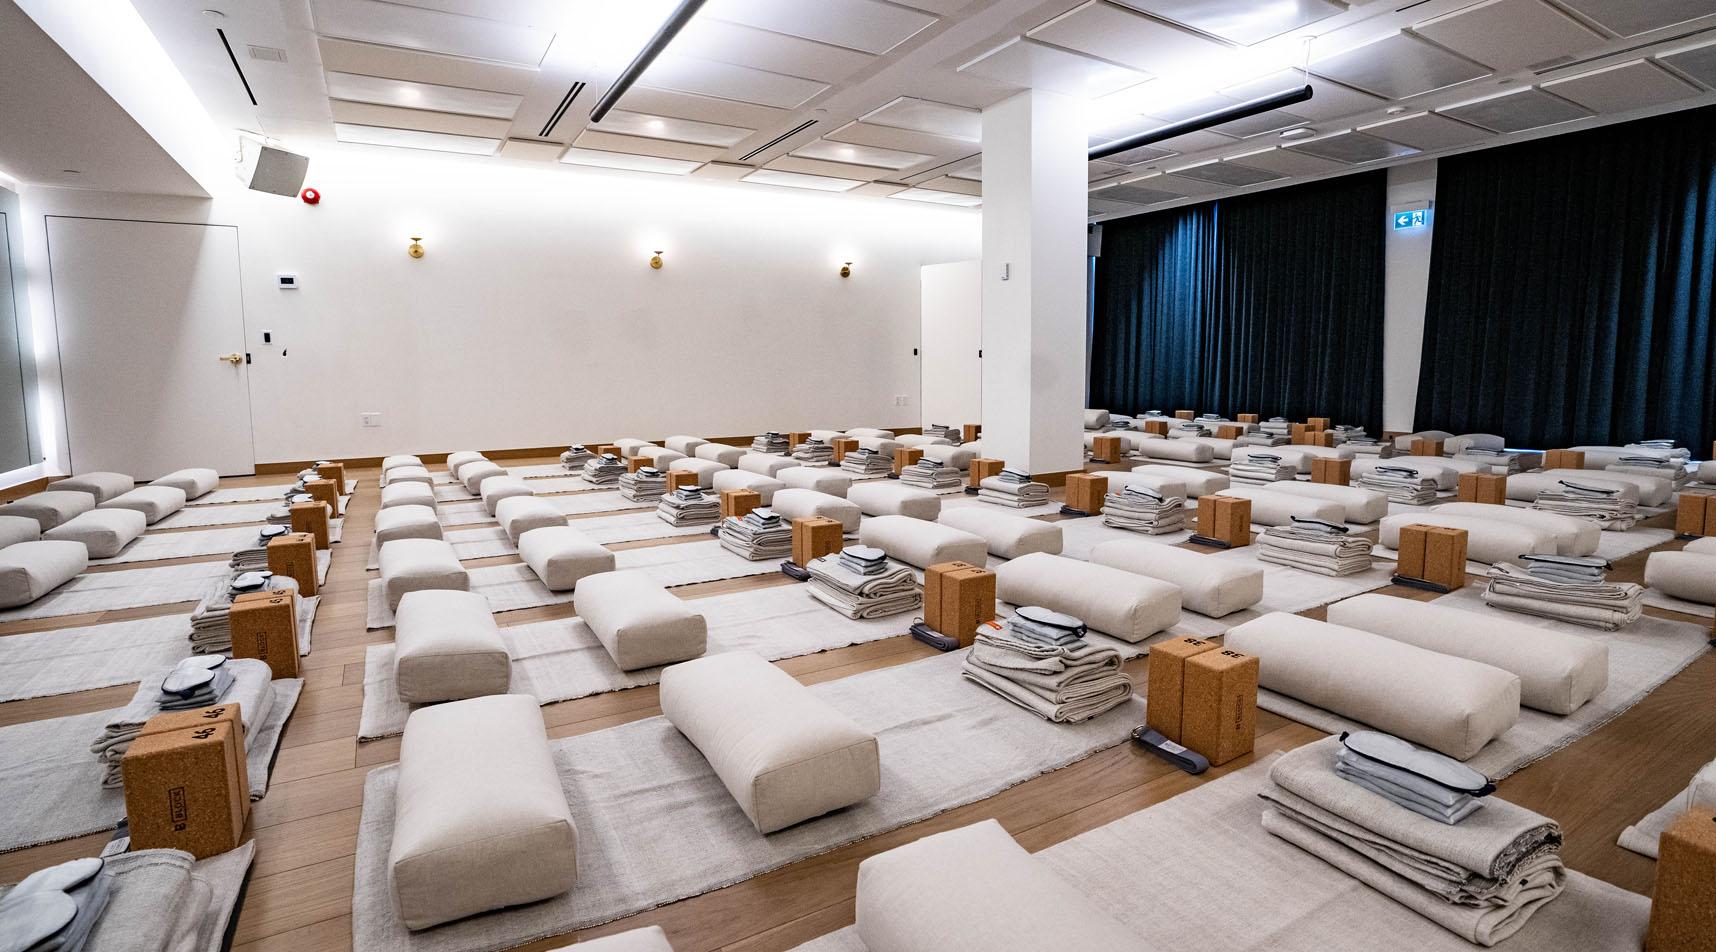 Image of the Sweat & Tonic Yoga studio